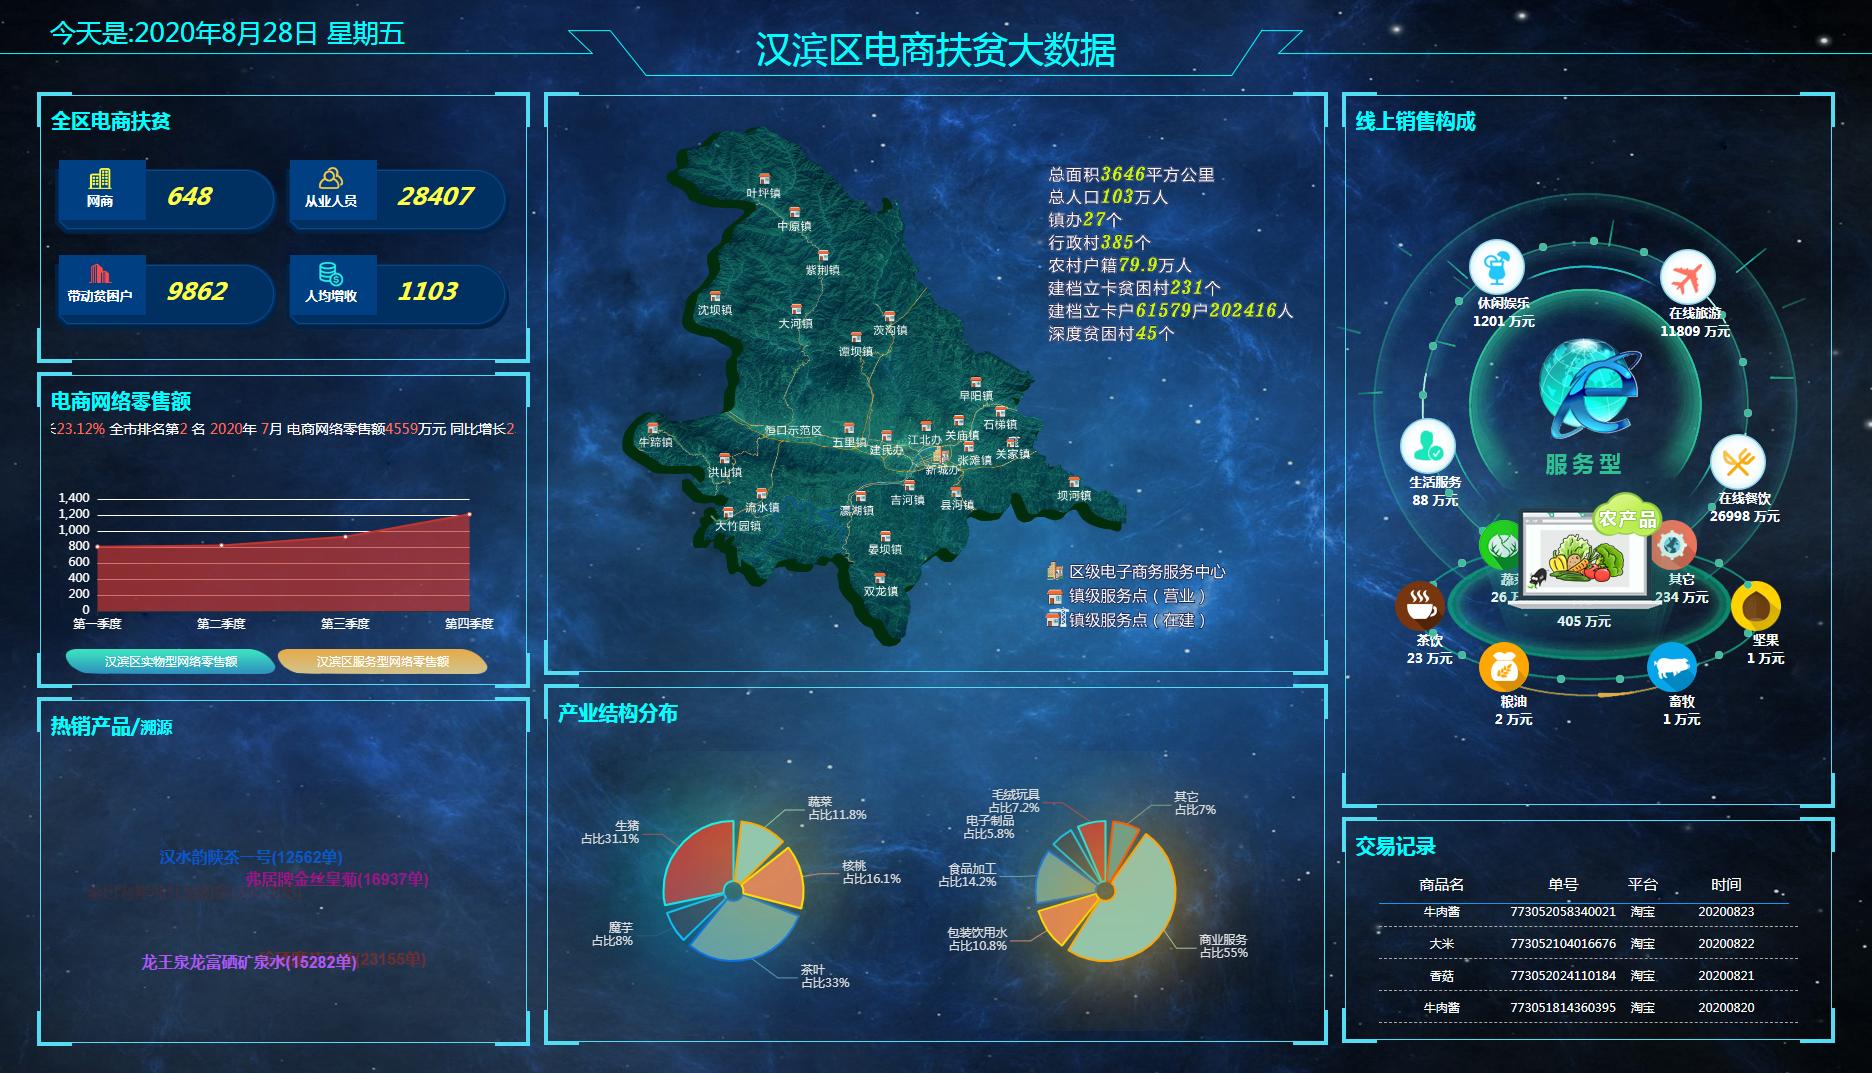 汉滨区电商扶贫大数据平台.png